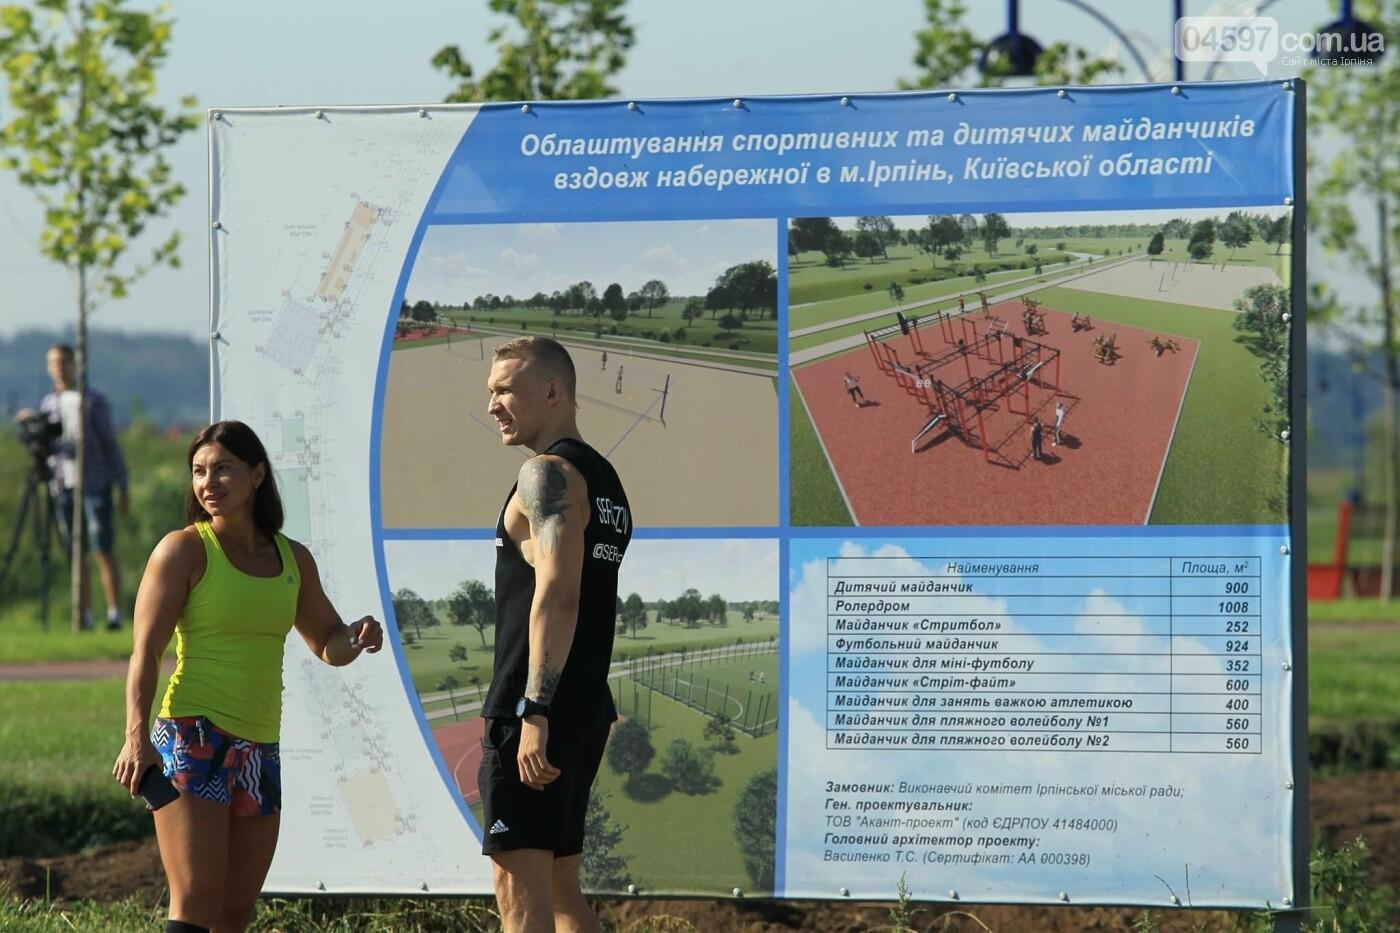 Спорту бути: на набережній Ірпеня продовжують облаштовувати спортивну алею, фото-2